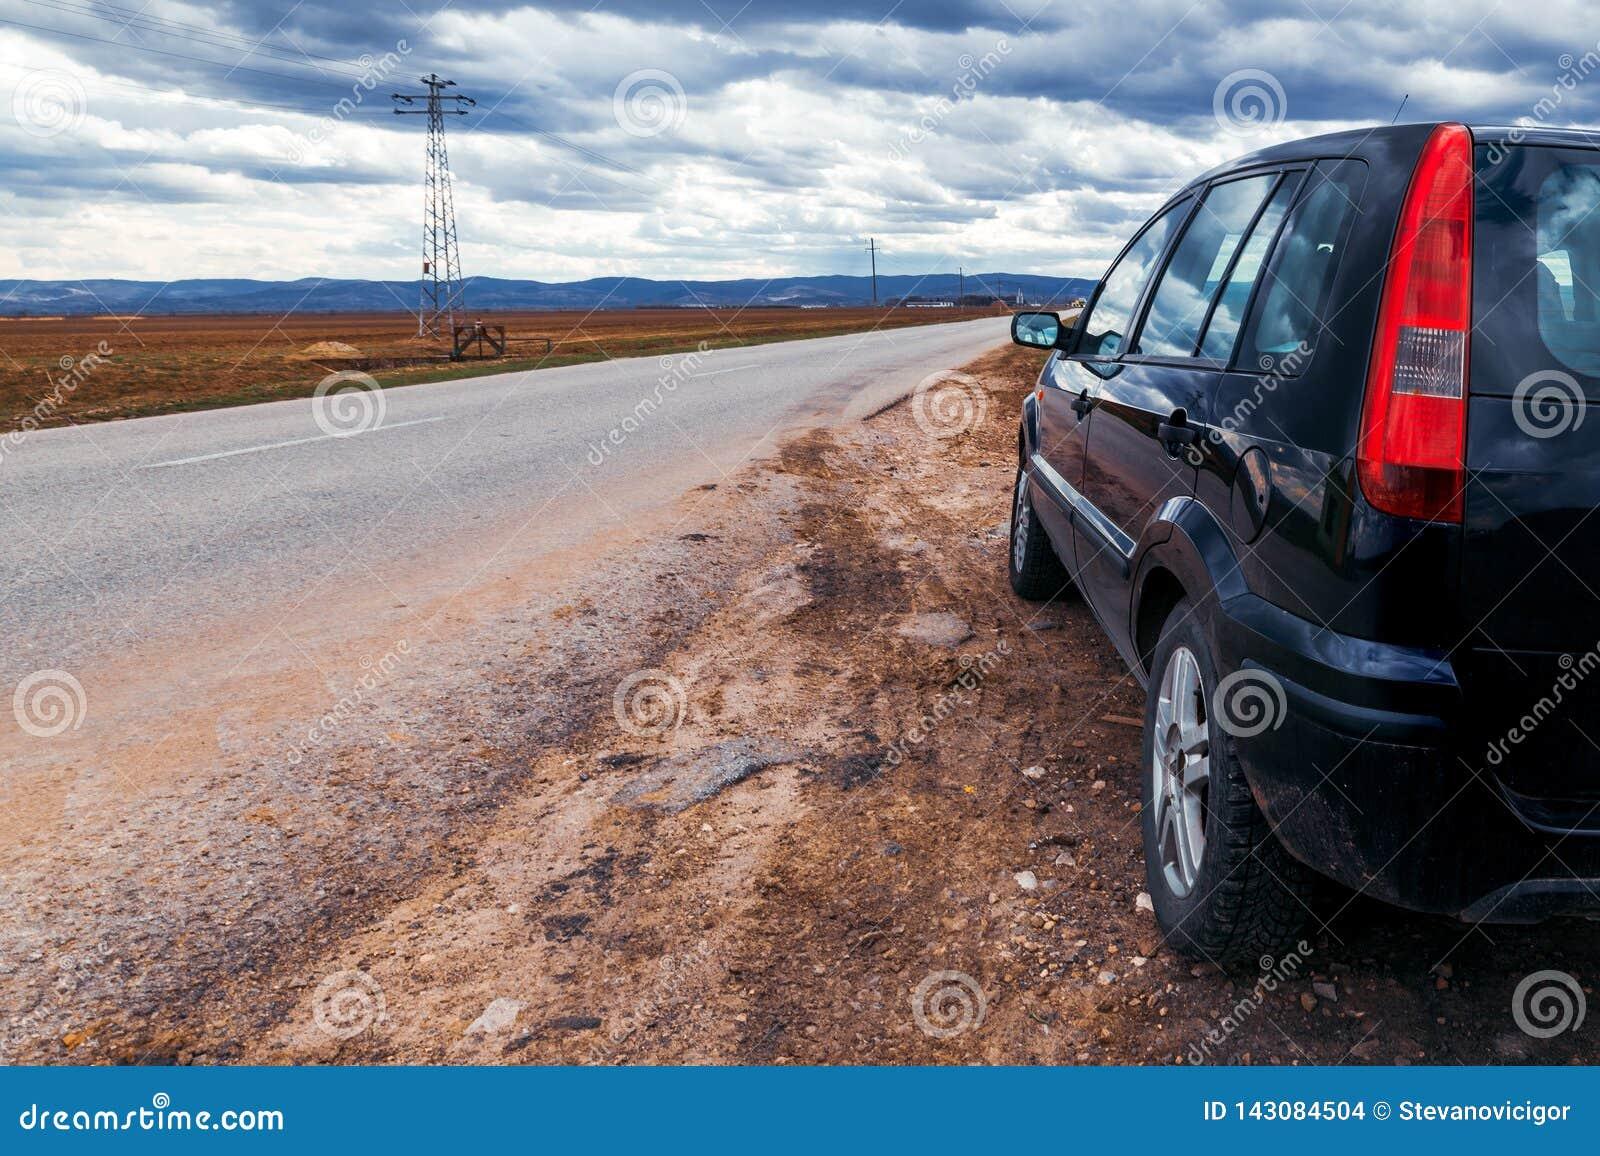 Σπασμένο αυτοκίνητο από ο δρόμος που σταματά τη θυελλώδη ημέρα